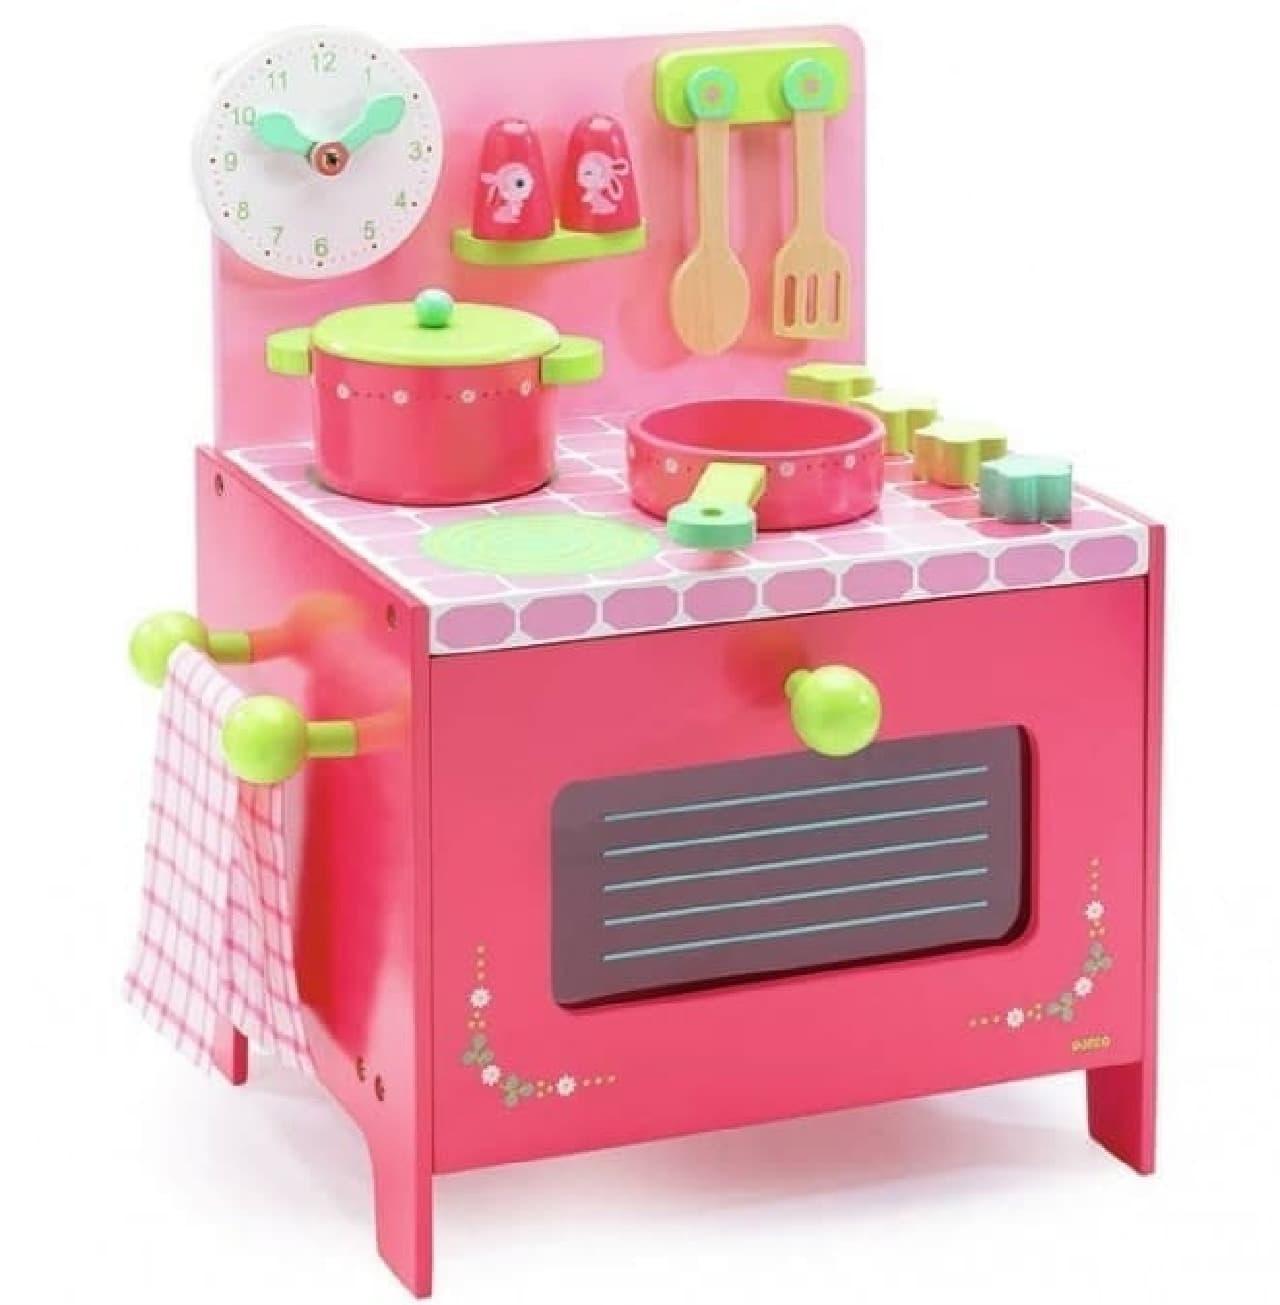 「DJECO(ジェコ)」による玩具の例:「リリローズ クッカー」   ままごと遊びを通じて想像力を養える玩具